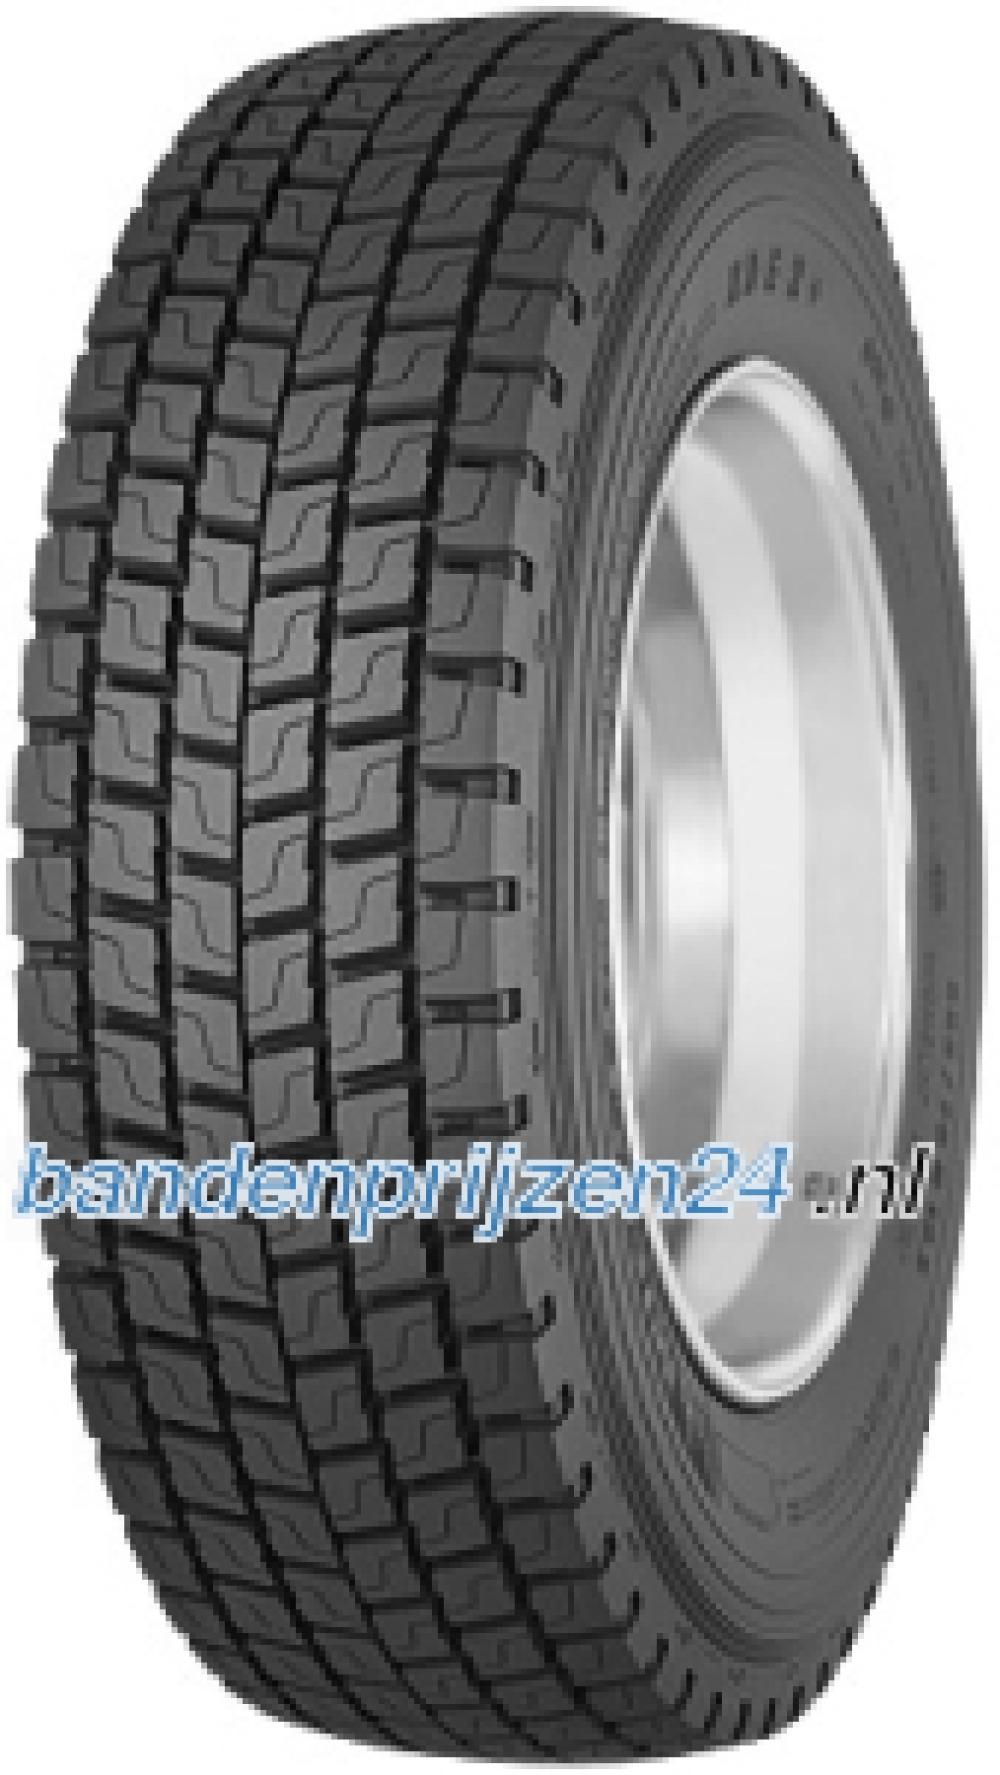 Michelin Remix XDE 2+ ( 285/70 R19.5 cover )